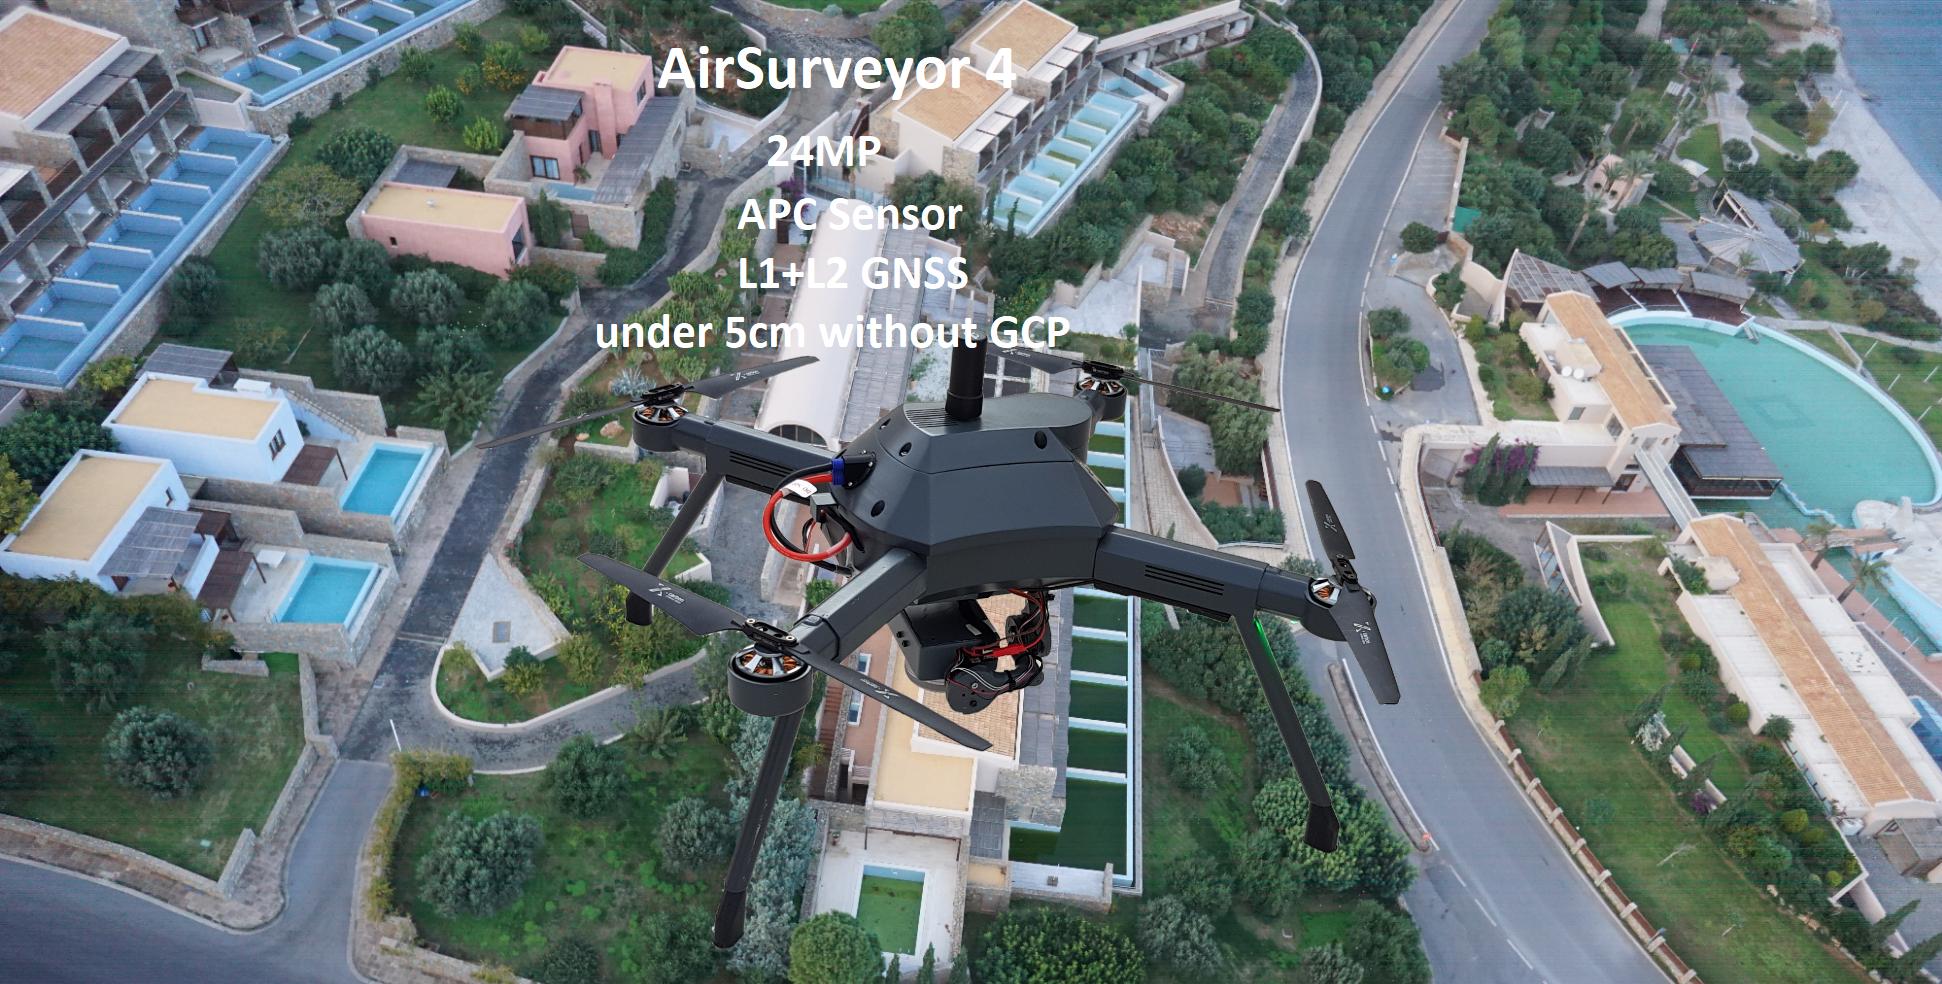 AirSurveyor4